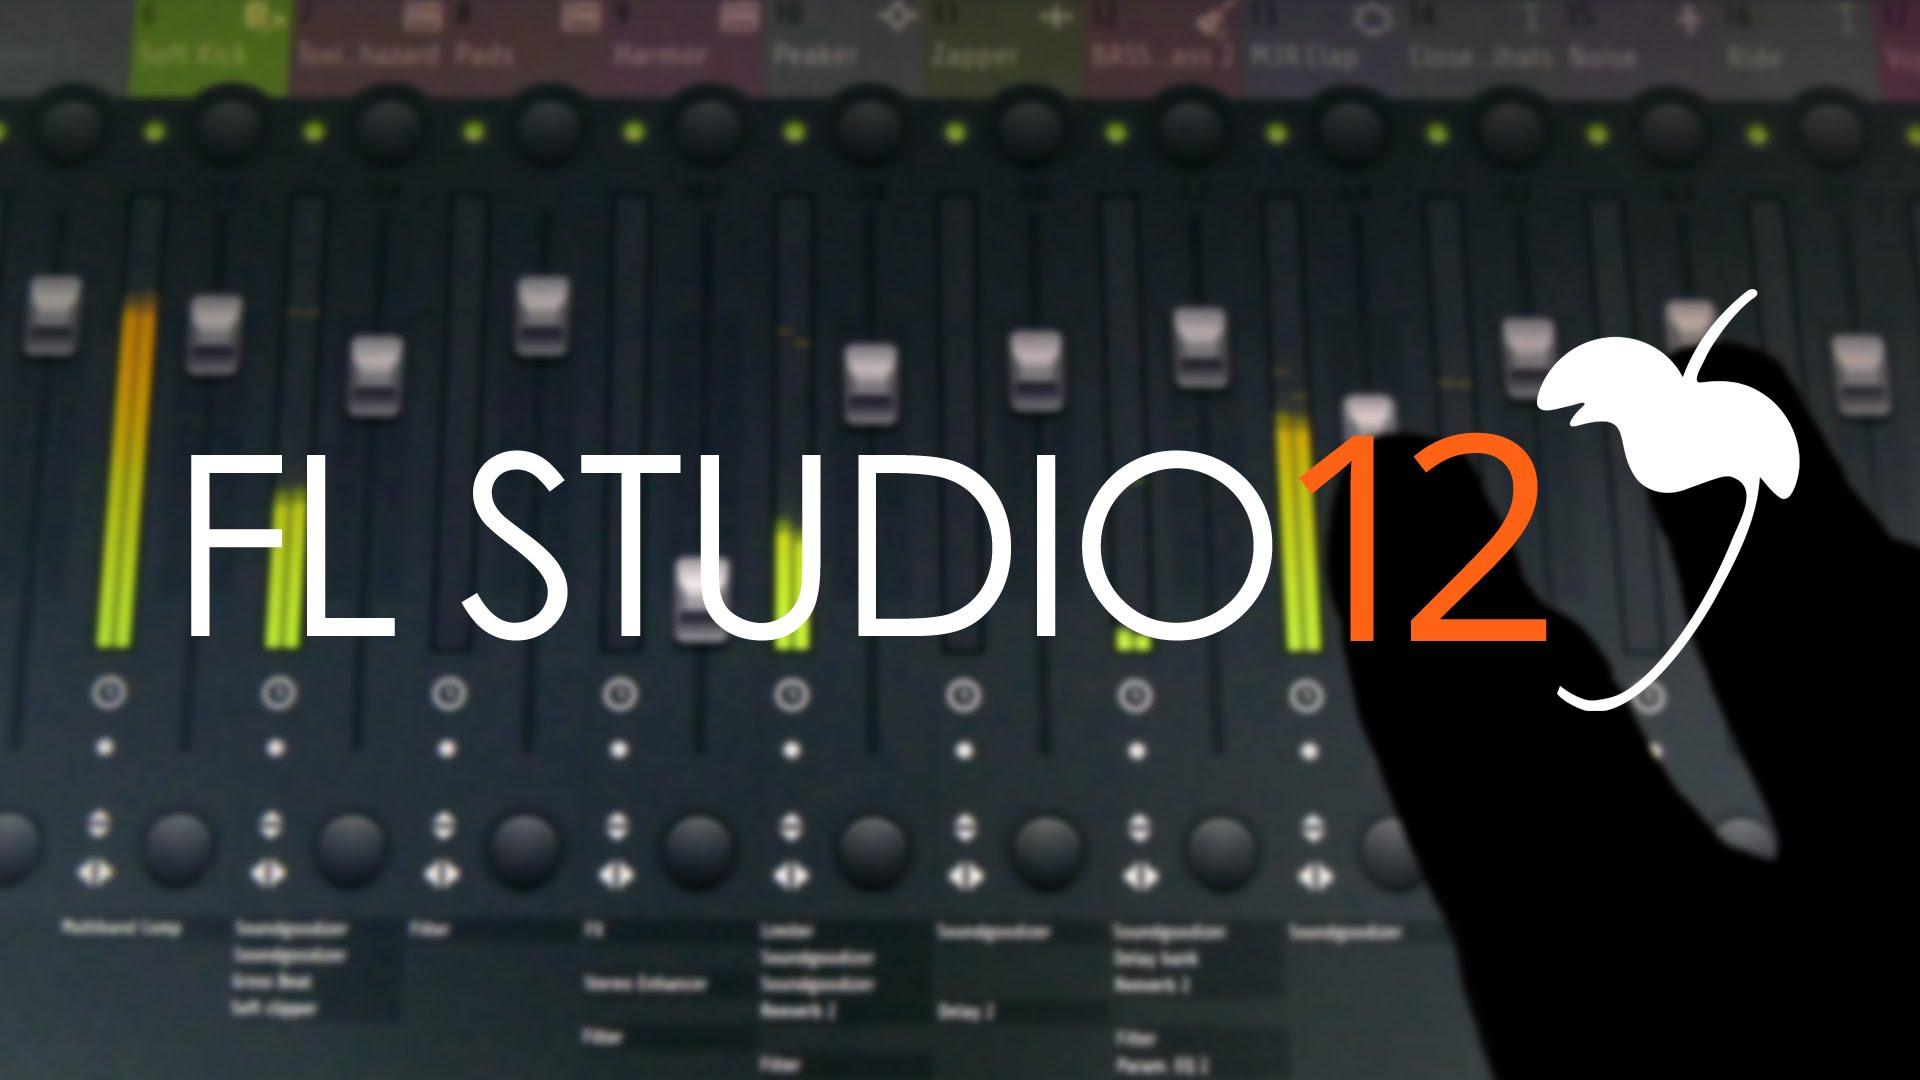 скачать звуки для fl studio 12 dubstep бесплатно